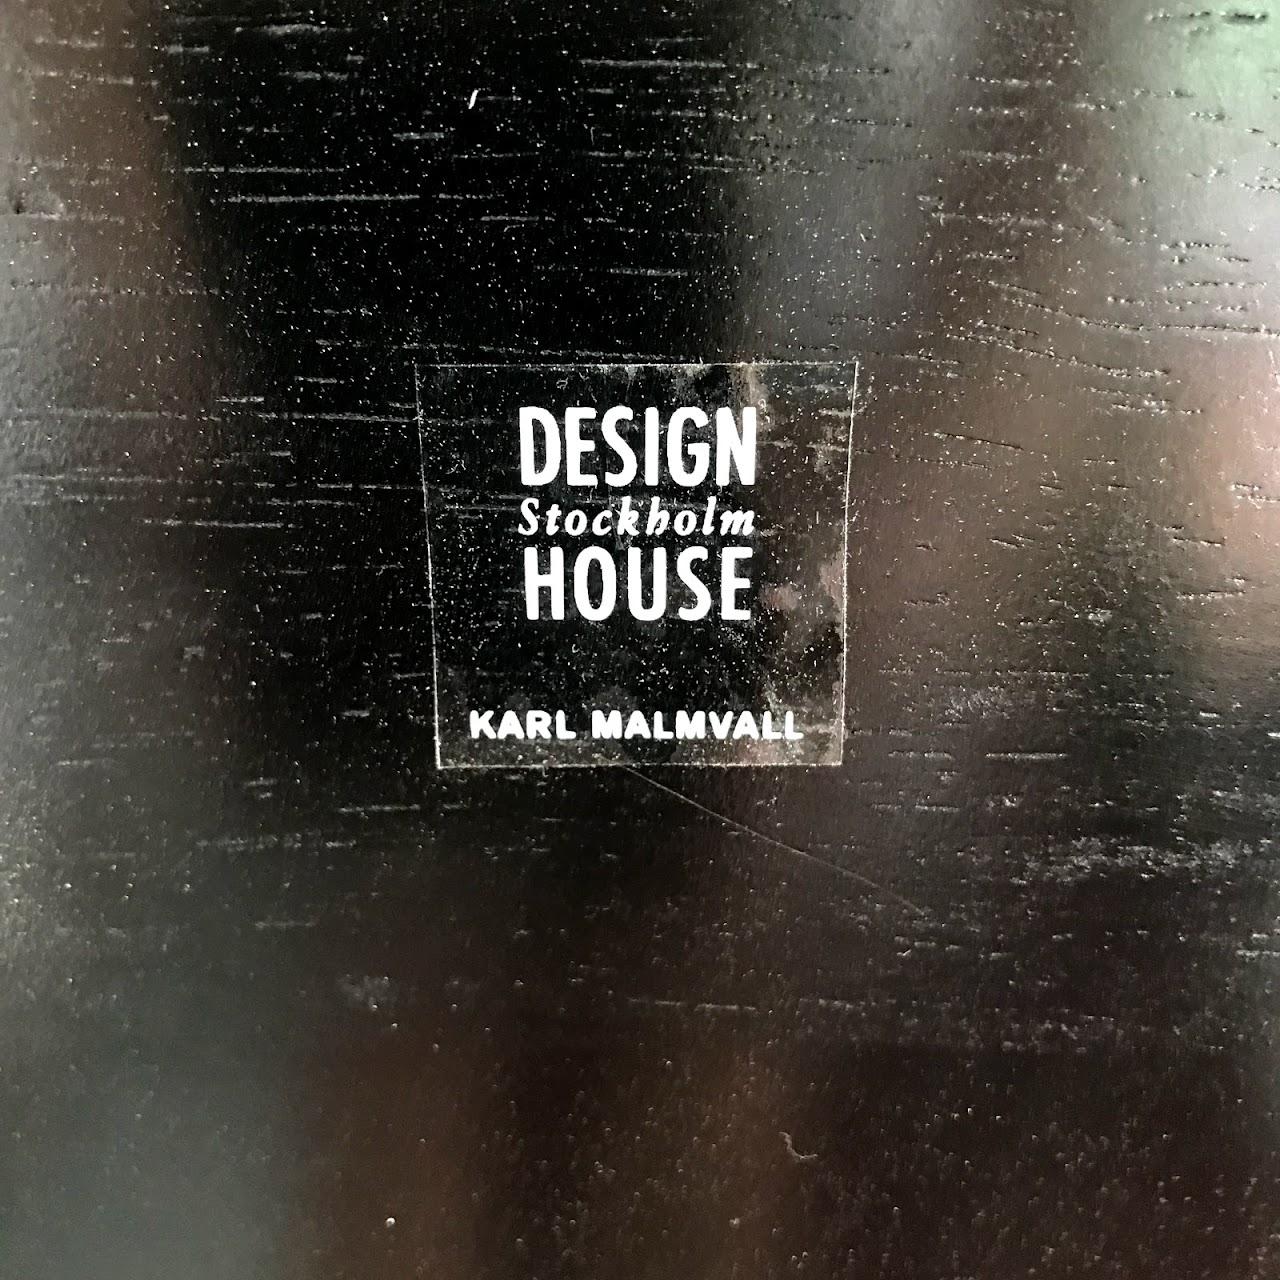 Karl Malmvall for Design Stockholm House Stepladder